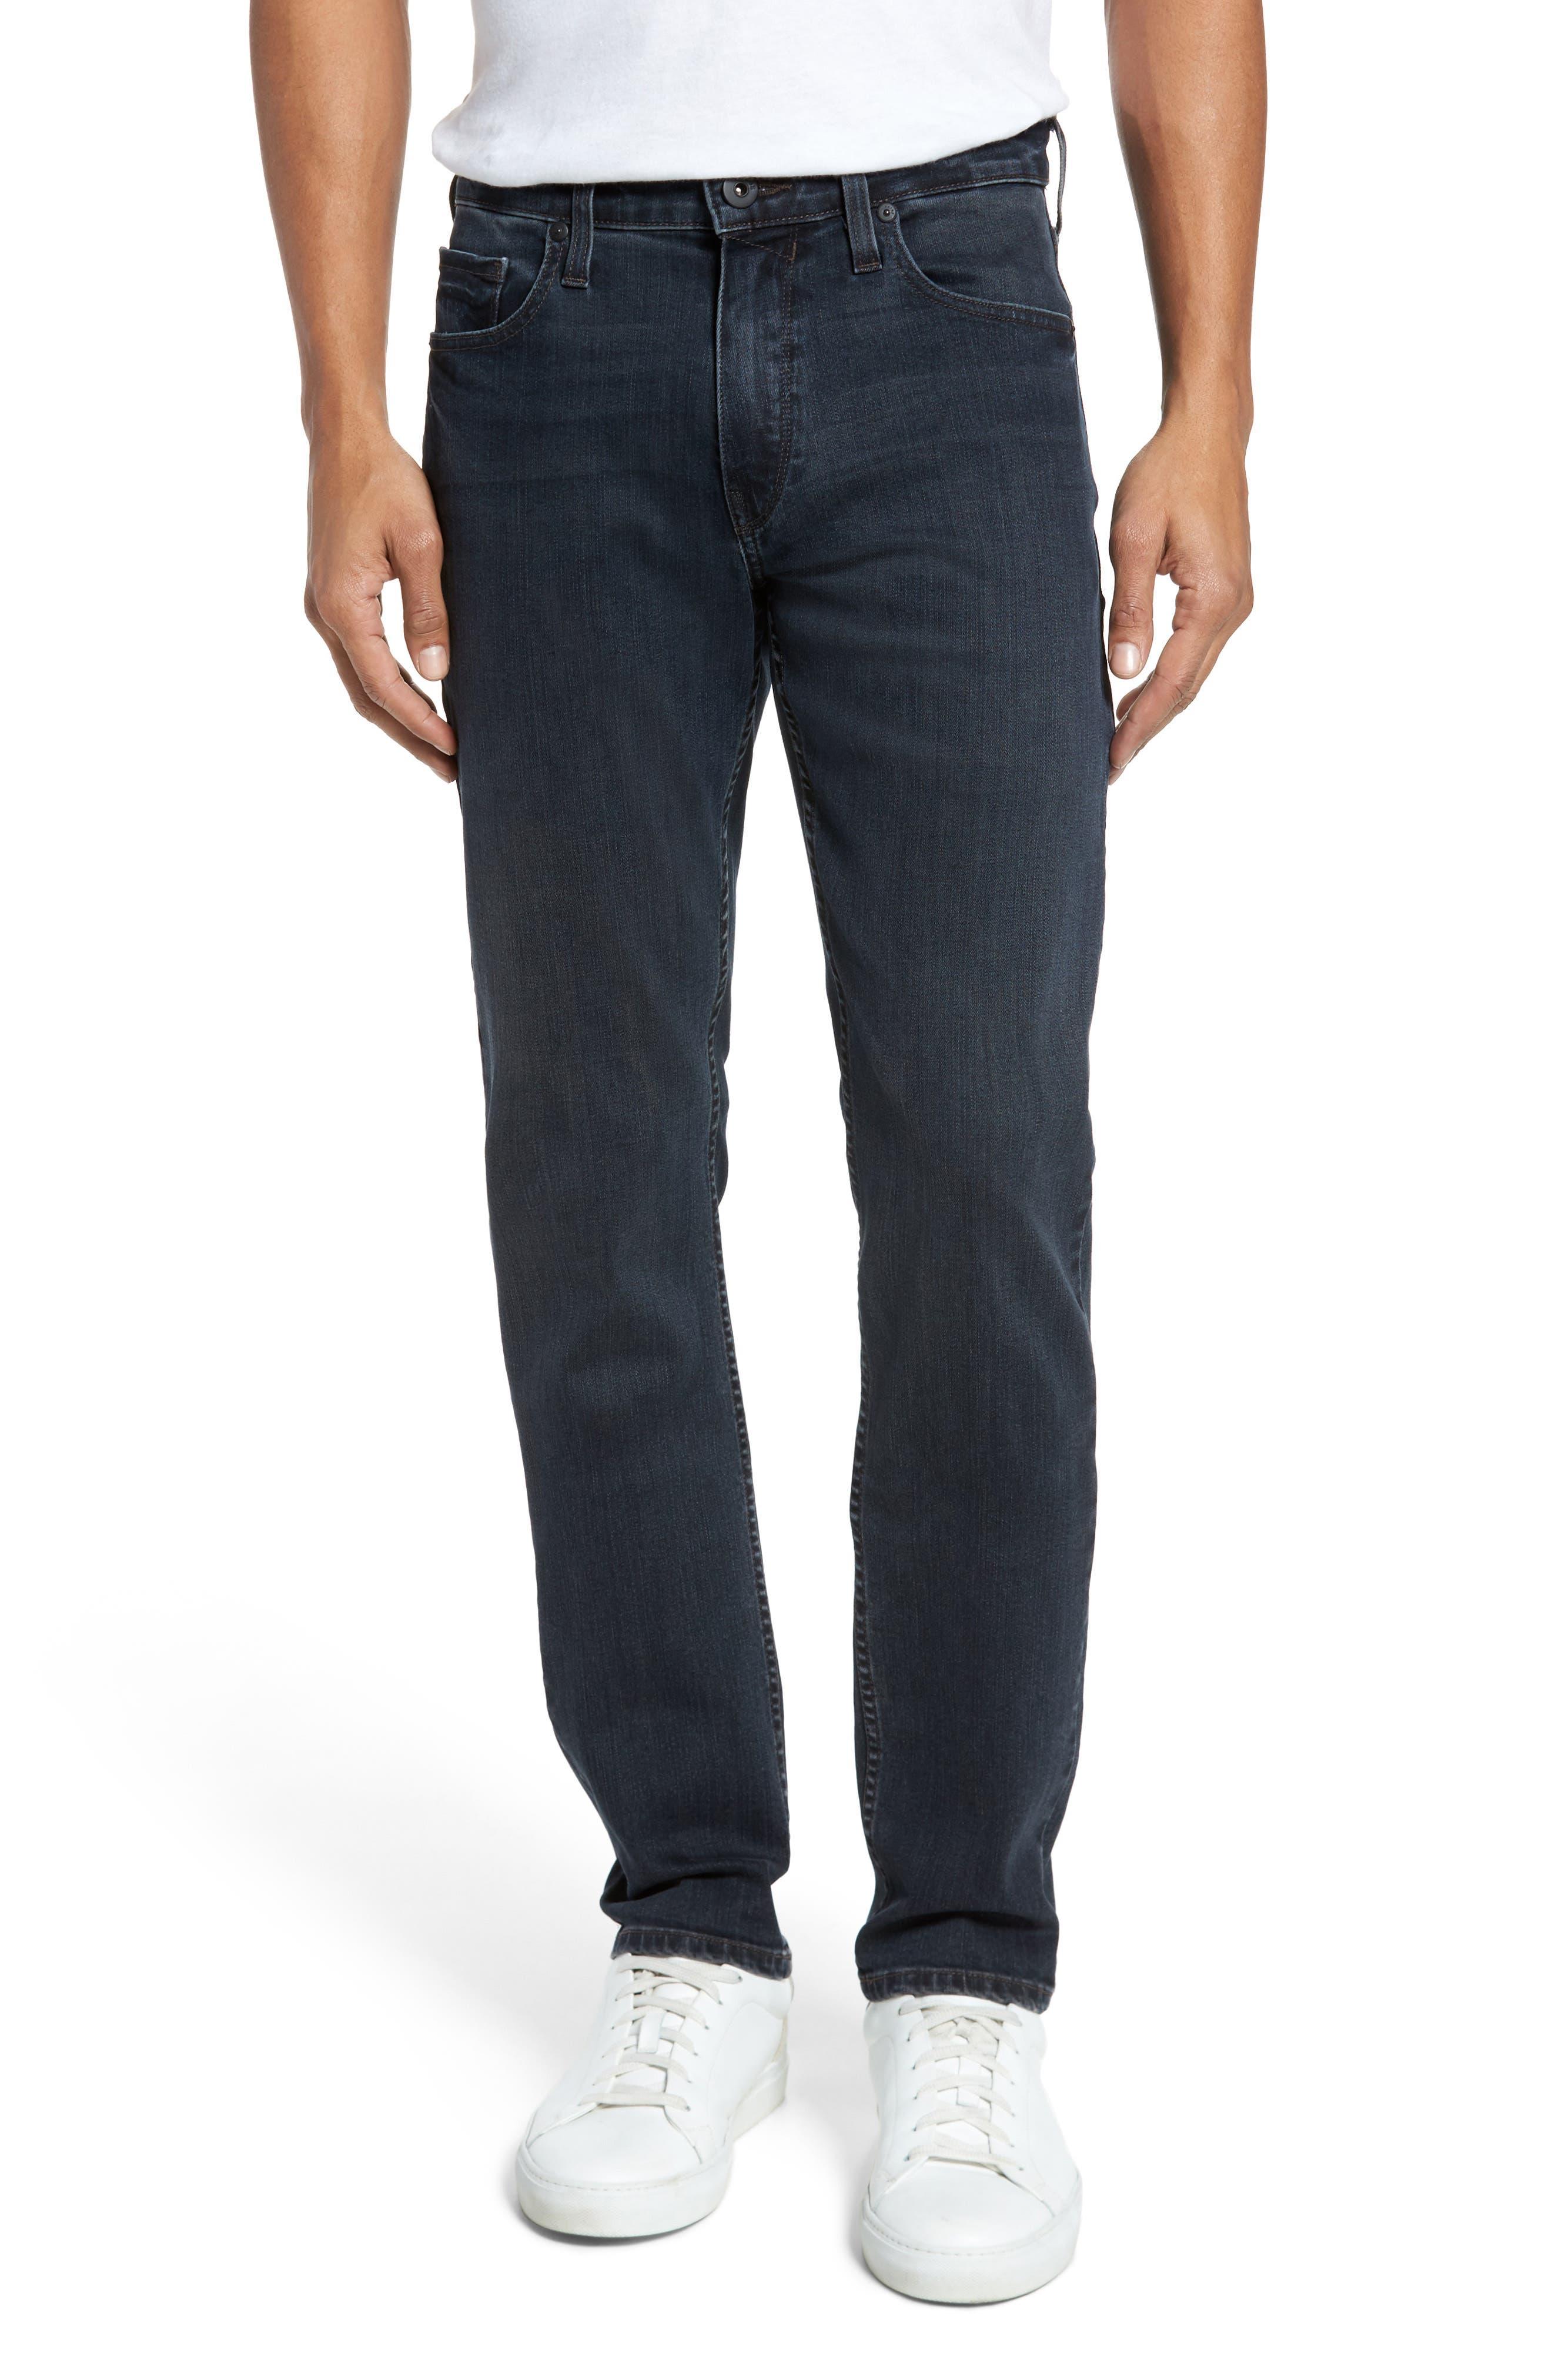 Lennox Slim Fit Jeans,                             Main thumbnail 1, color,                             Triton